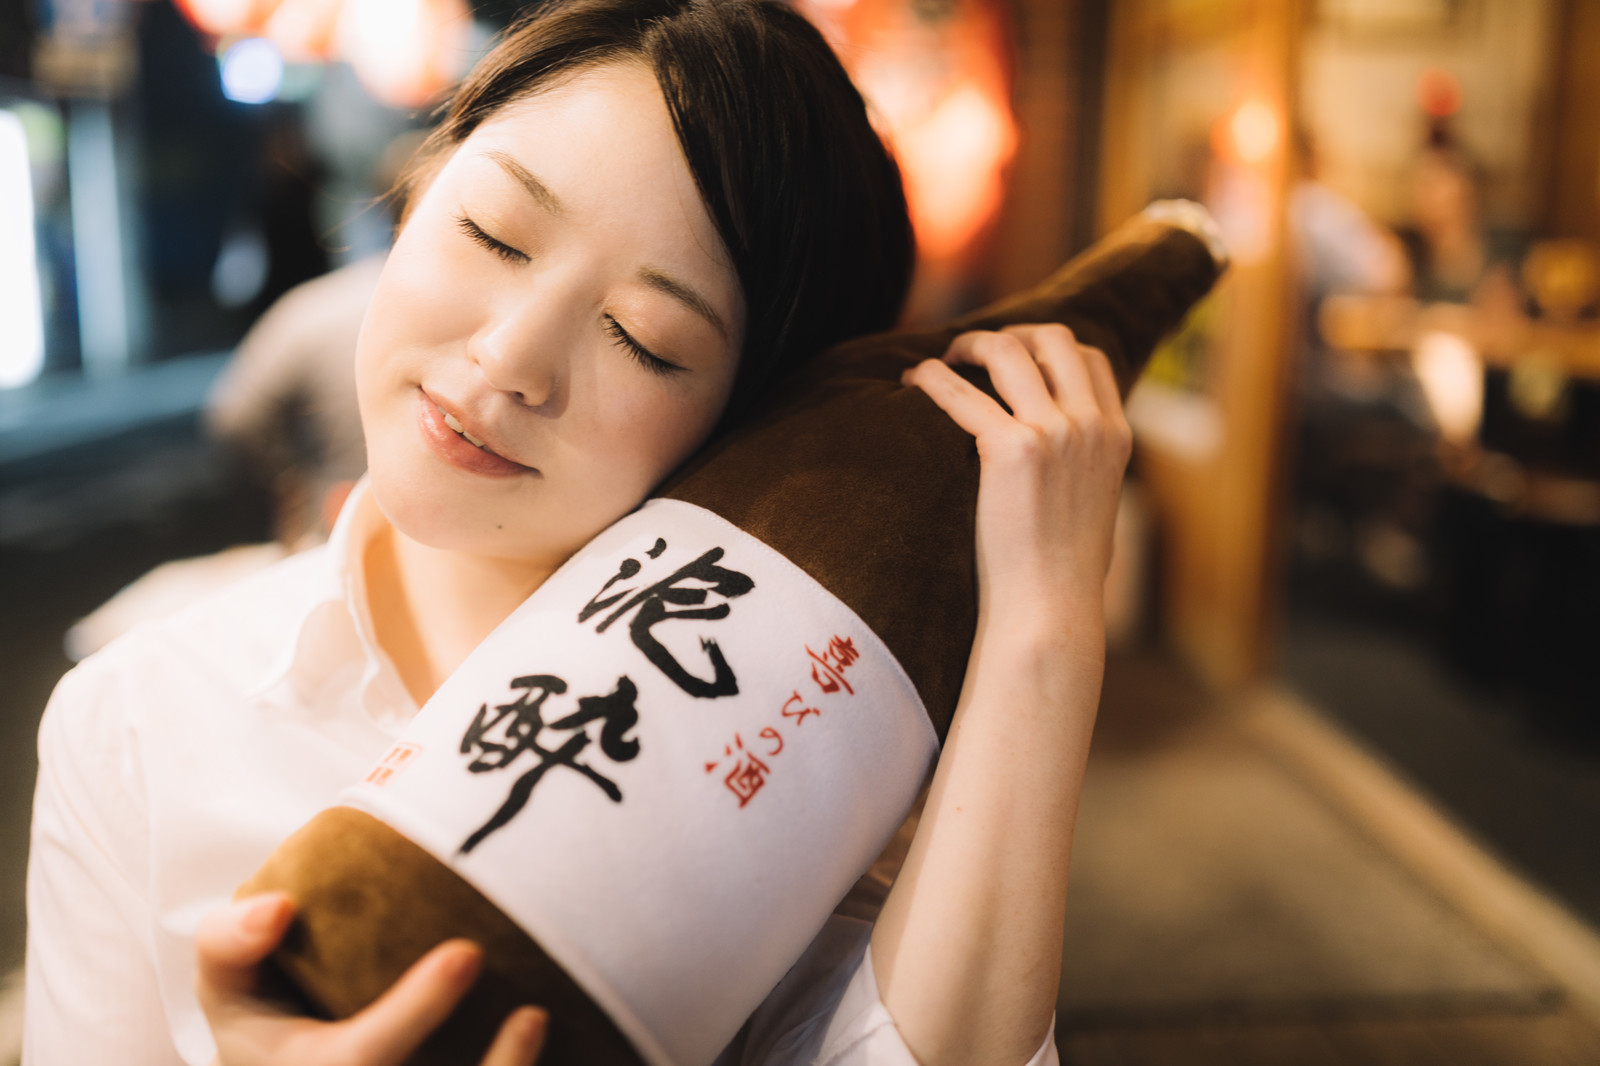 飲酒が生理中に及ぼす影響とは?実はアルコールが原因だった!?